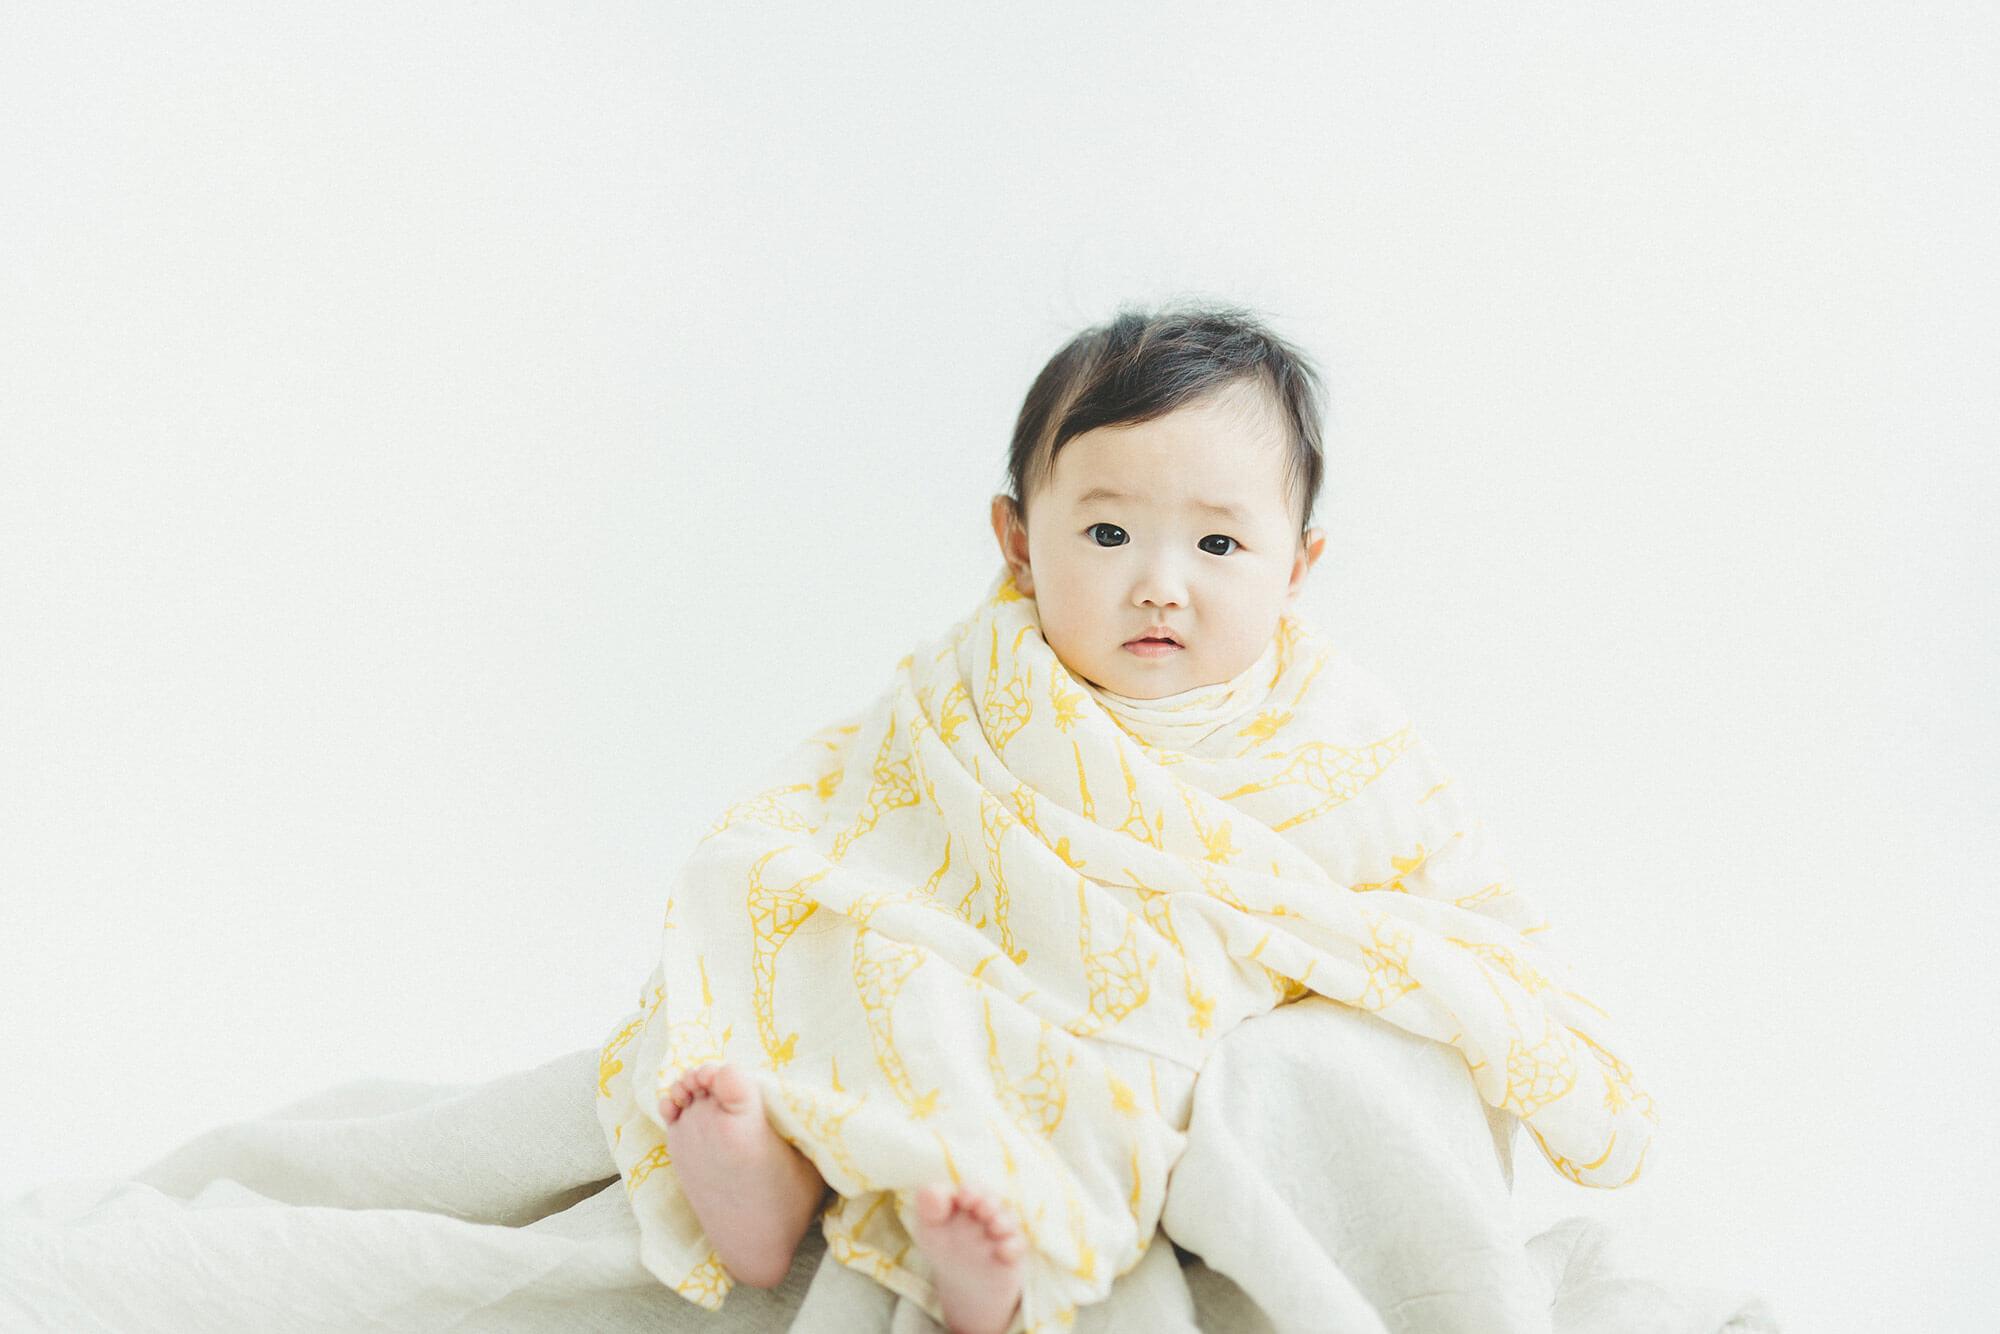 Milkbarn